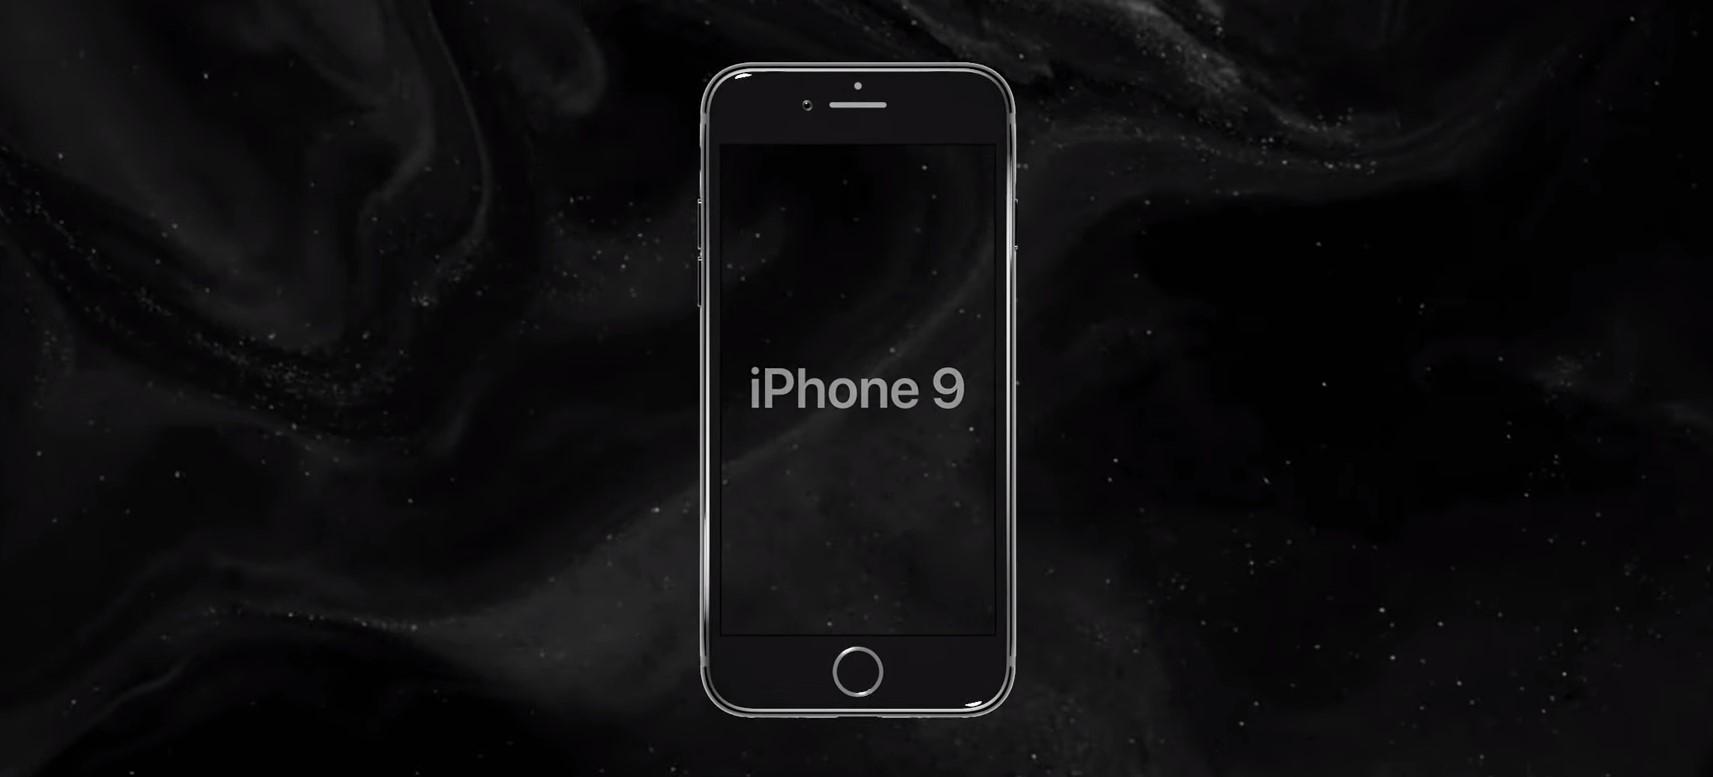 iPhone 9 iPhone SE 2 Telefon Ieftin de la Apple